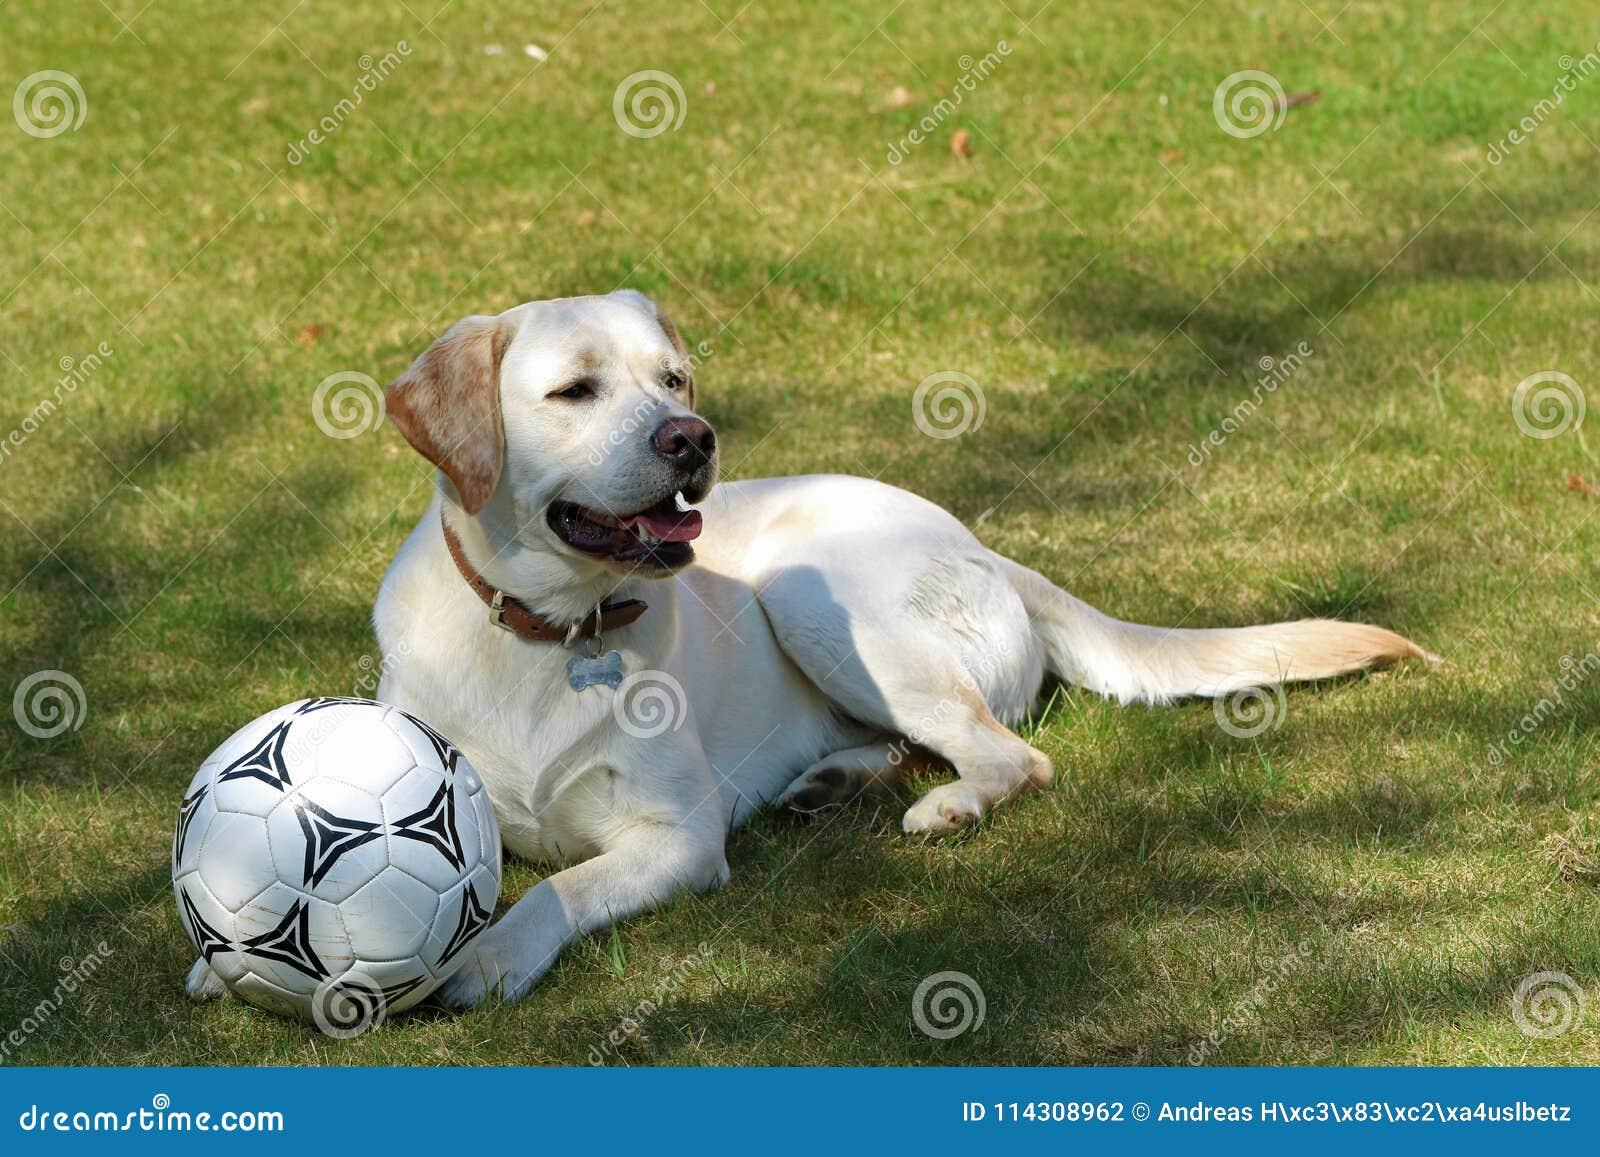 Retrato de un Labrador blanco con el balón de fútbol en la hierba